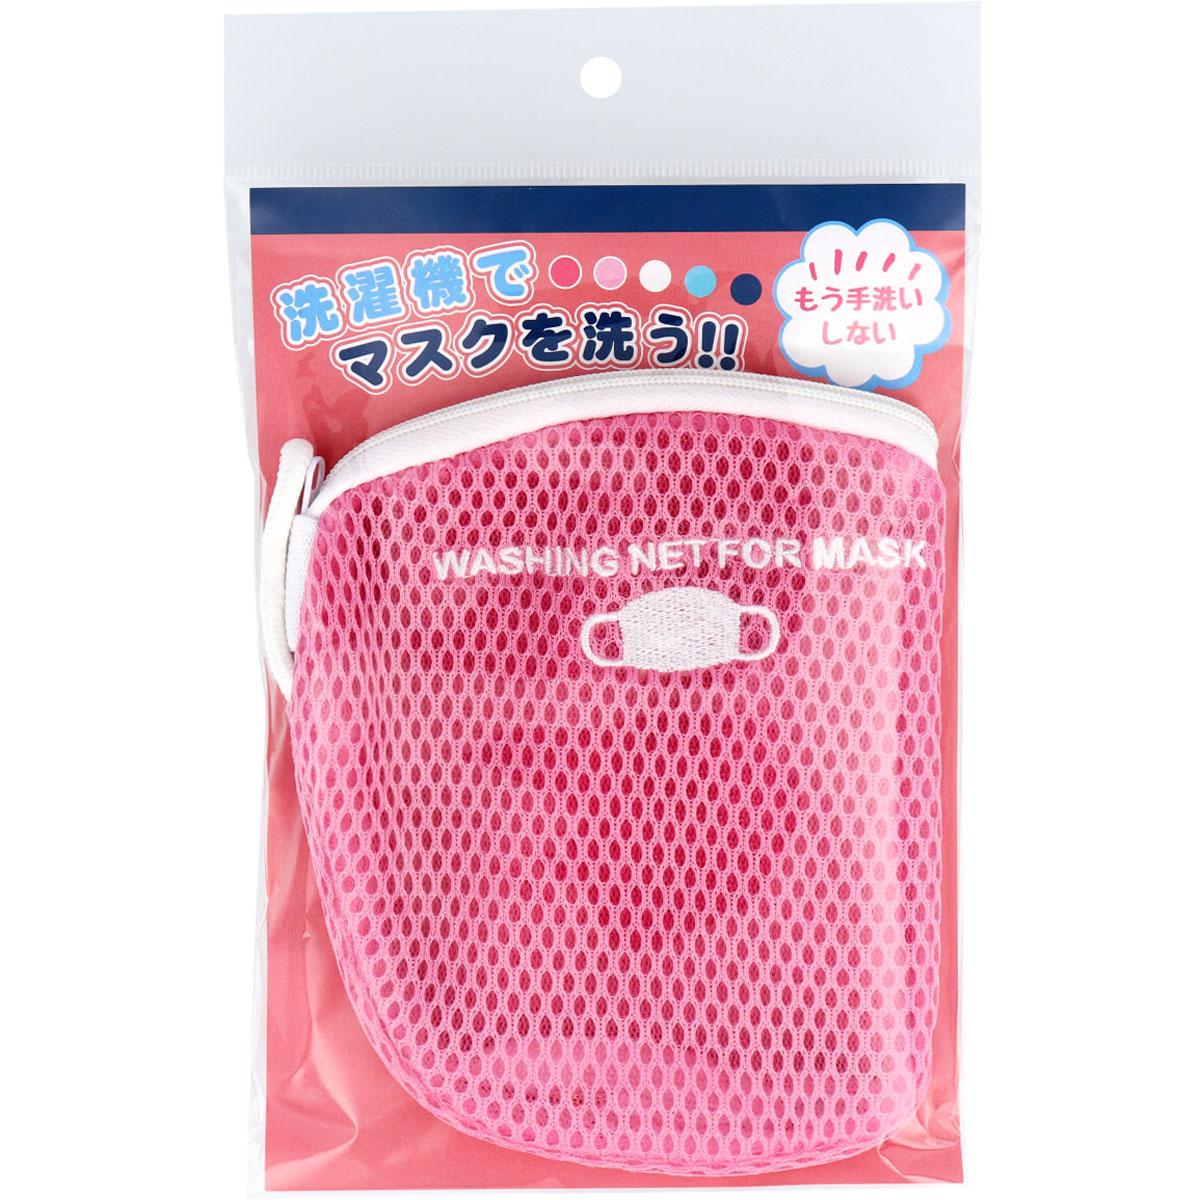 マスク専用洗濯ネット ピンク 1枚入